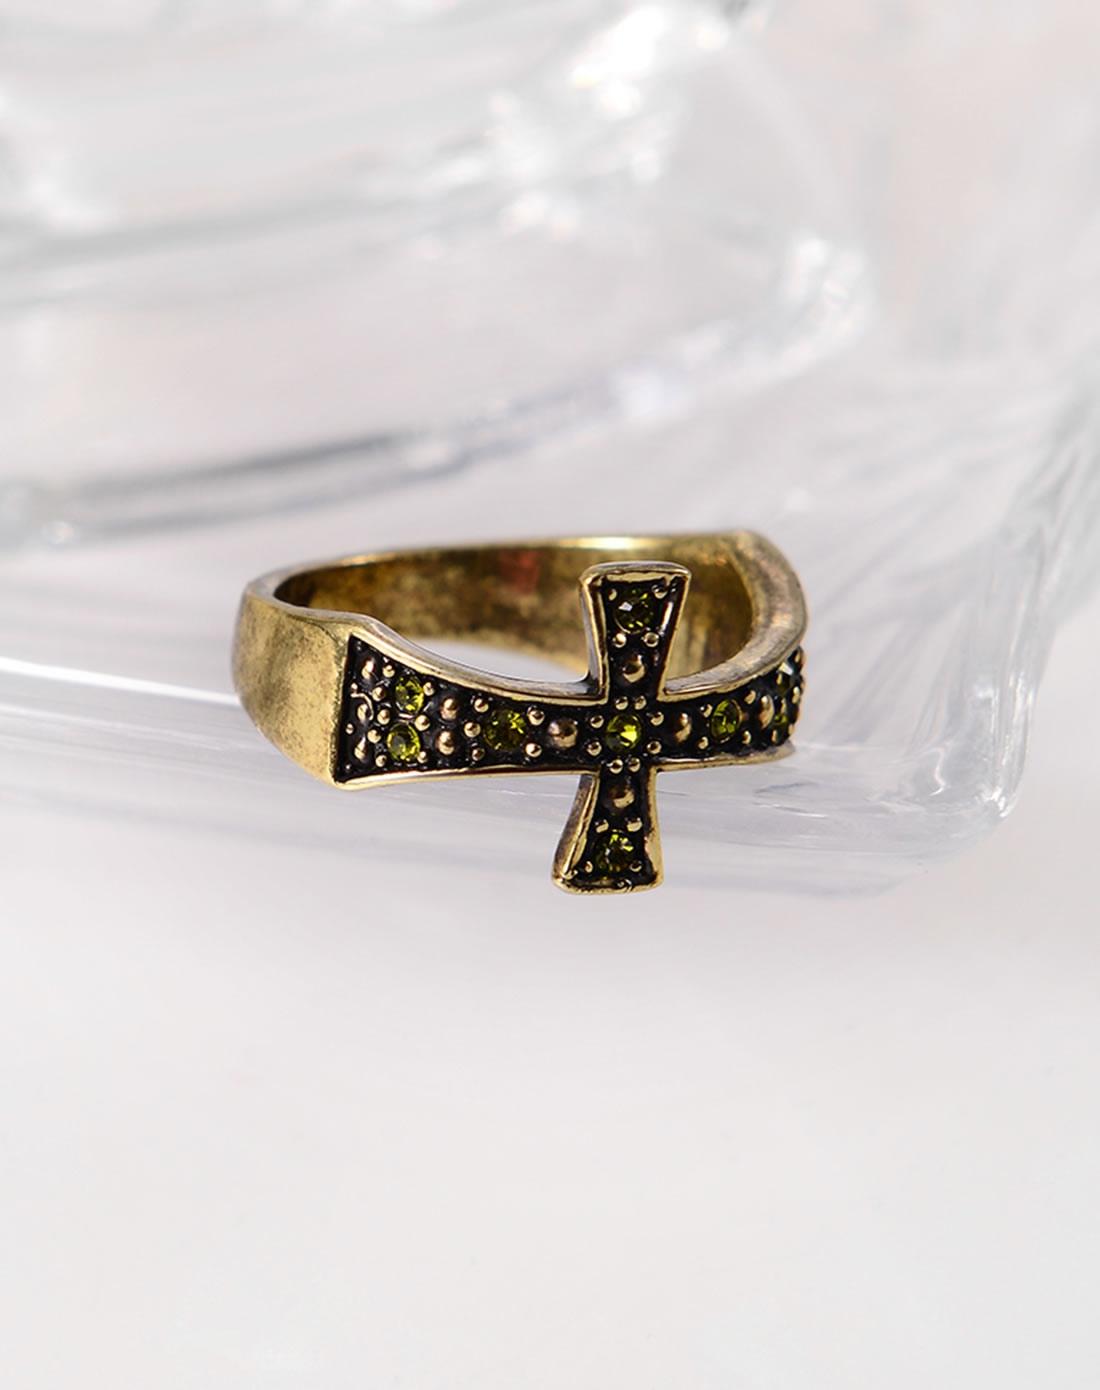 威妮华viennois复古仰望十字架戒指a005534r-003